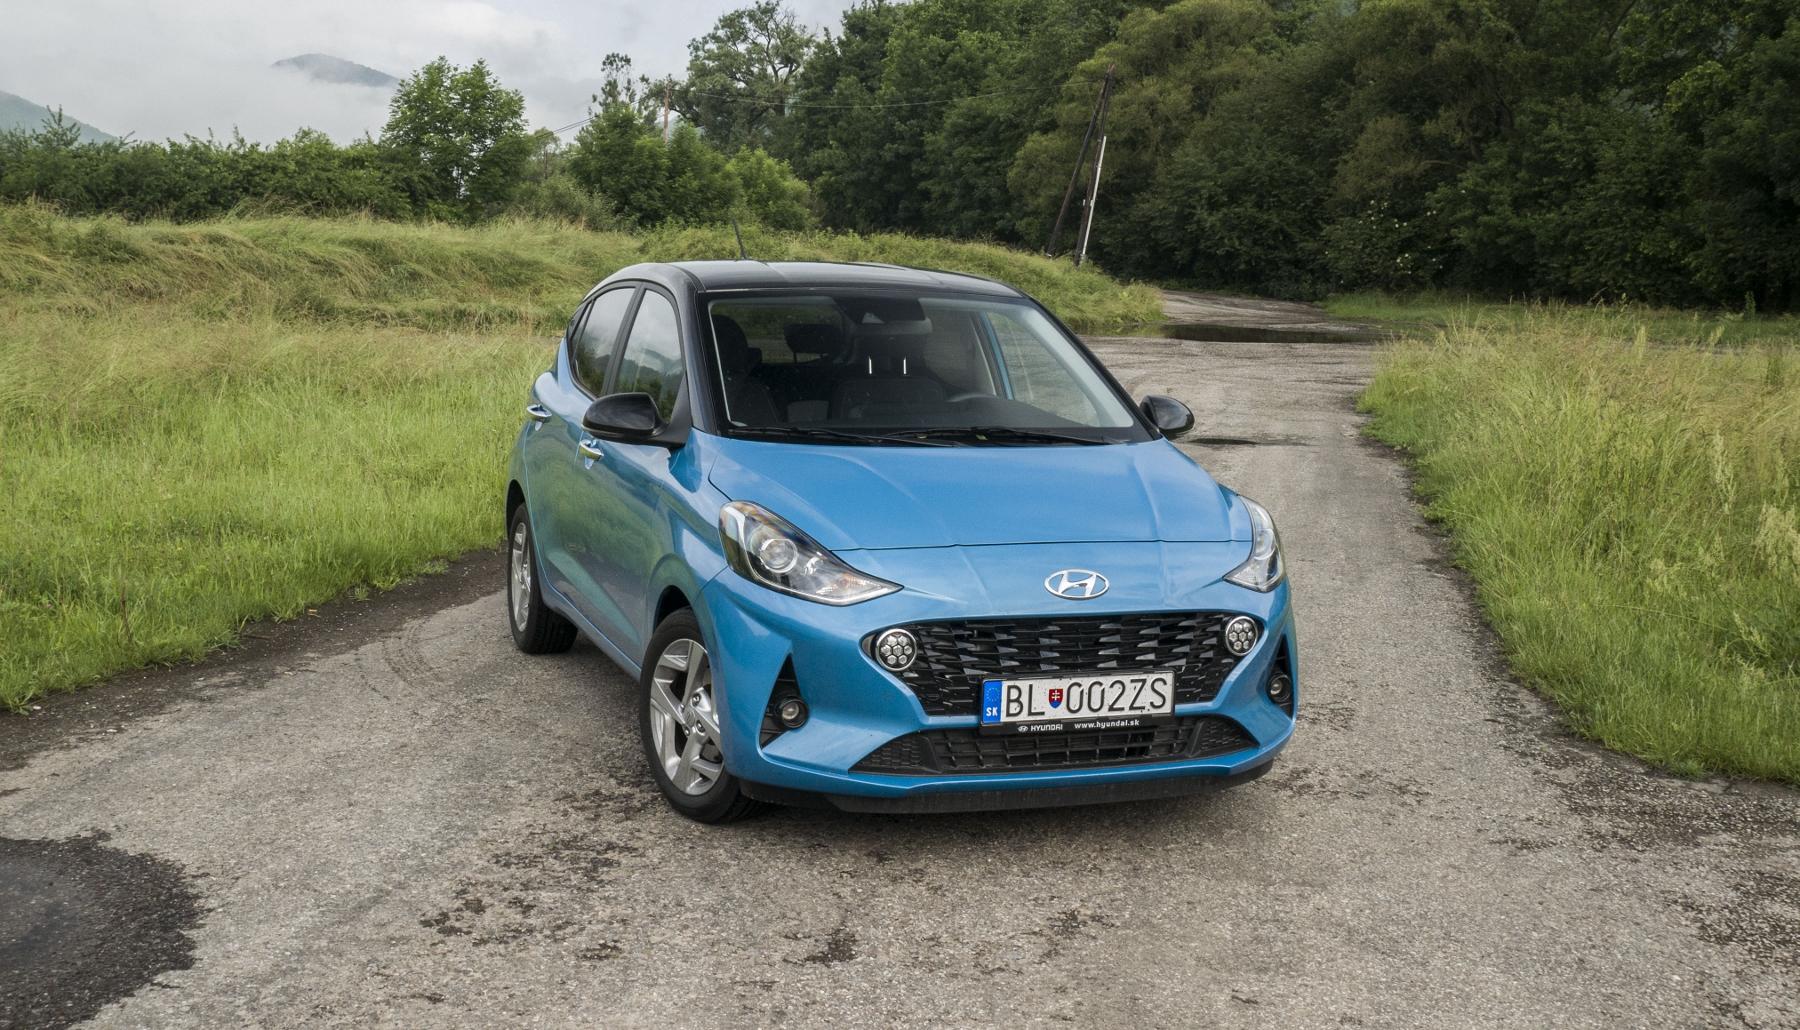 Test: Hyundai i10 je zameraný do mesta. Zo škatuľky vytŕča podvozkom A1P0xH4DbM hyundai-i10-2